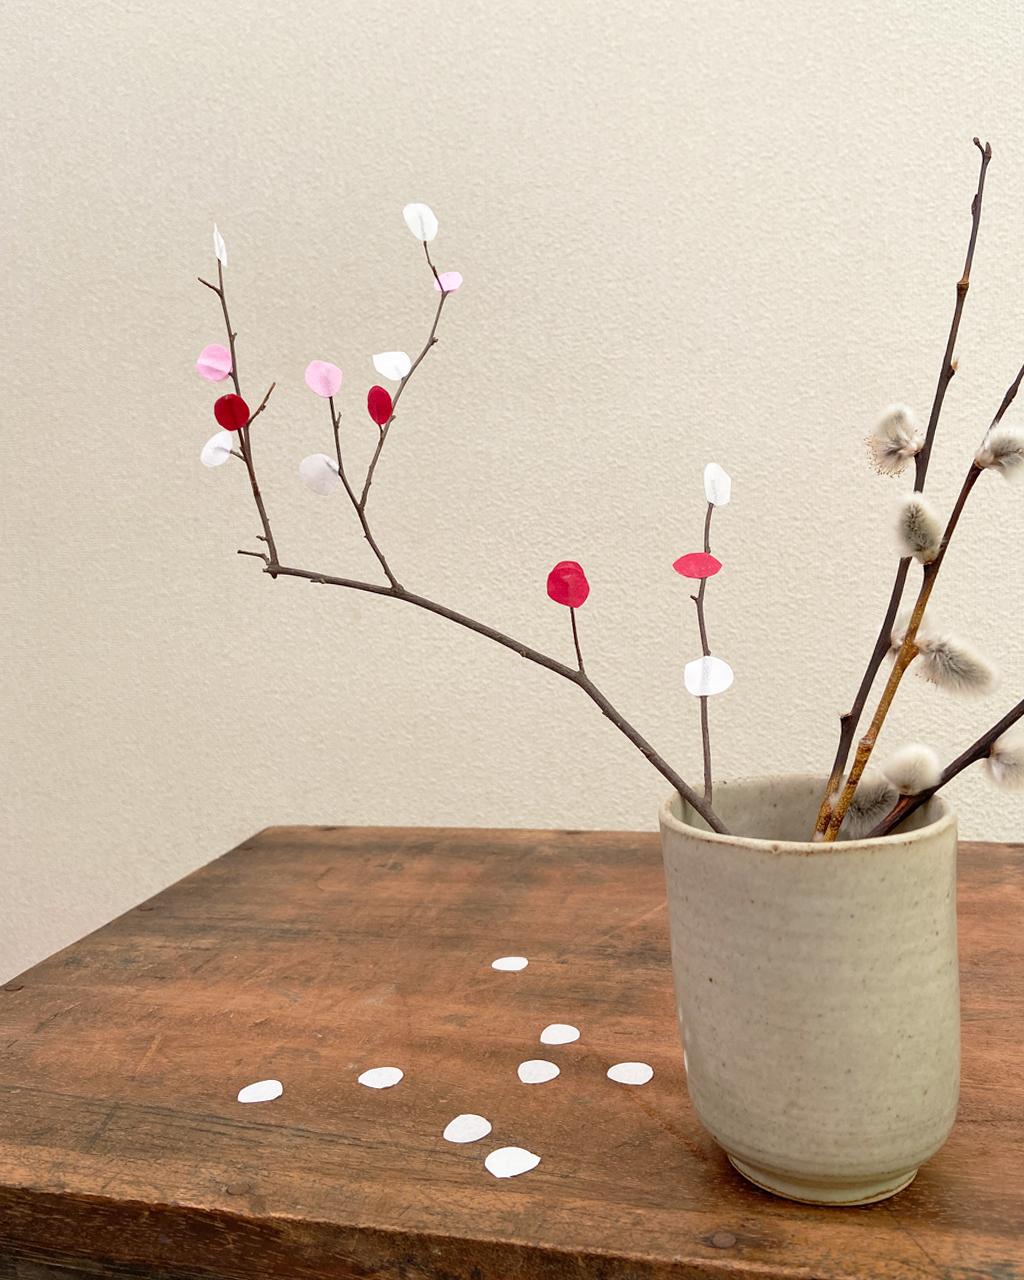 1/15小正月の餅花を、余った和紙折り紙で作ってみました